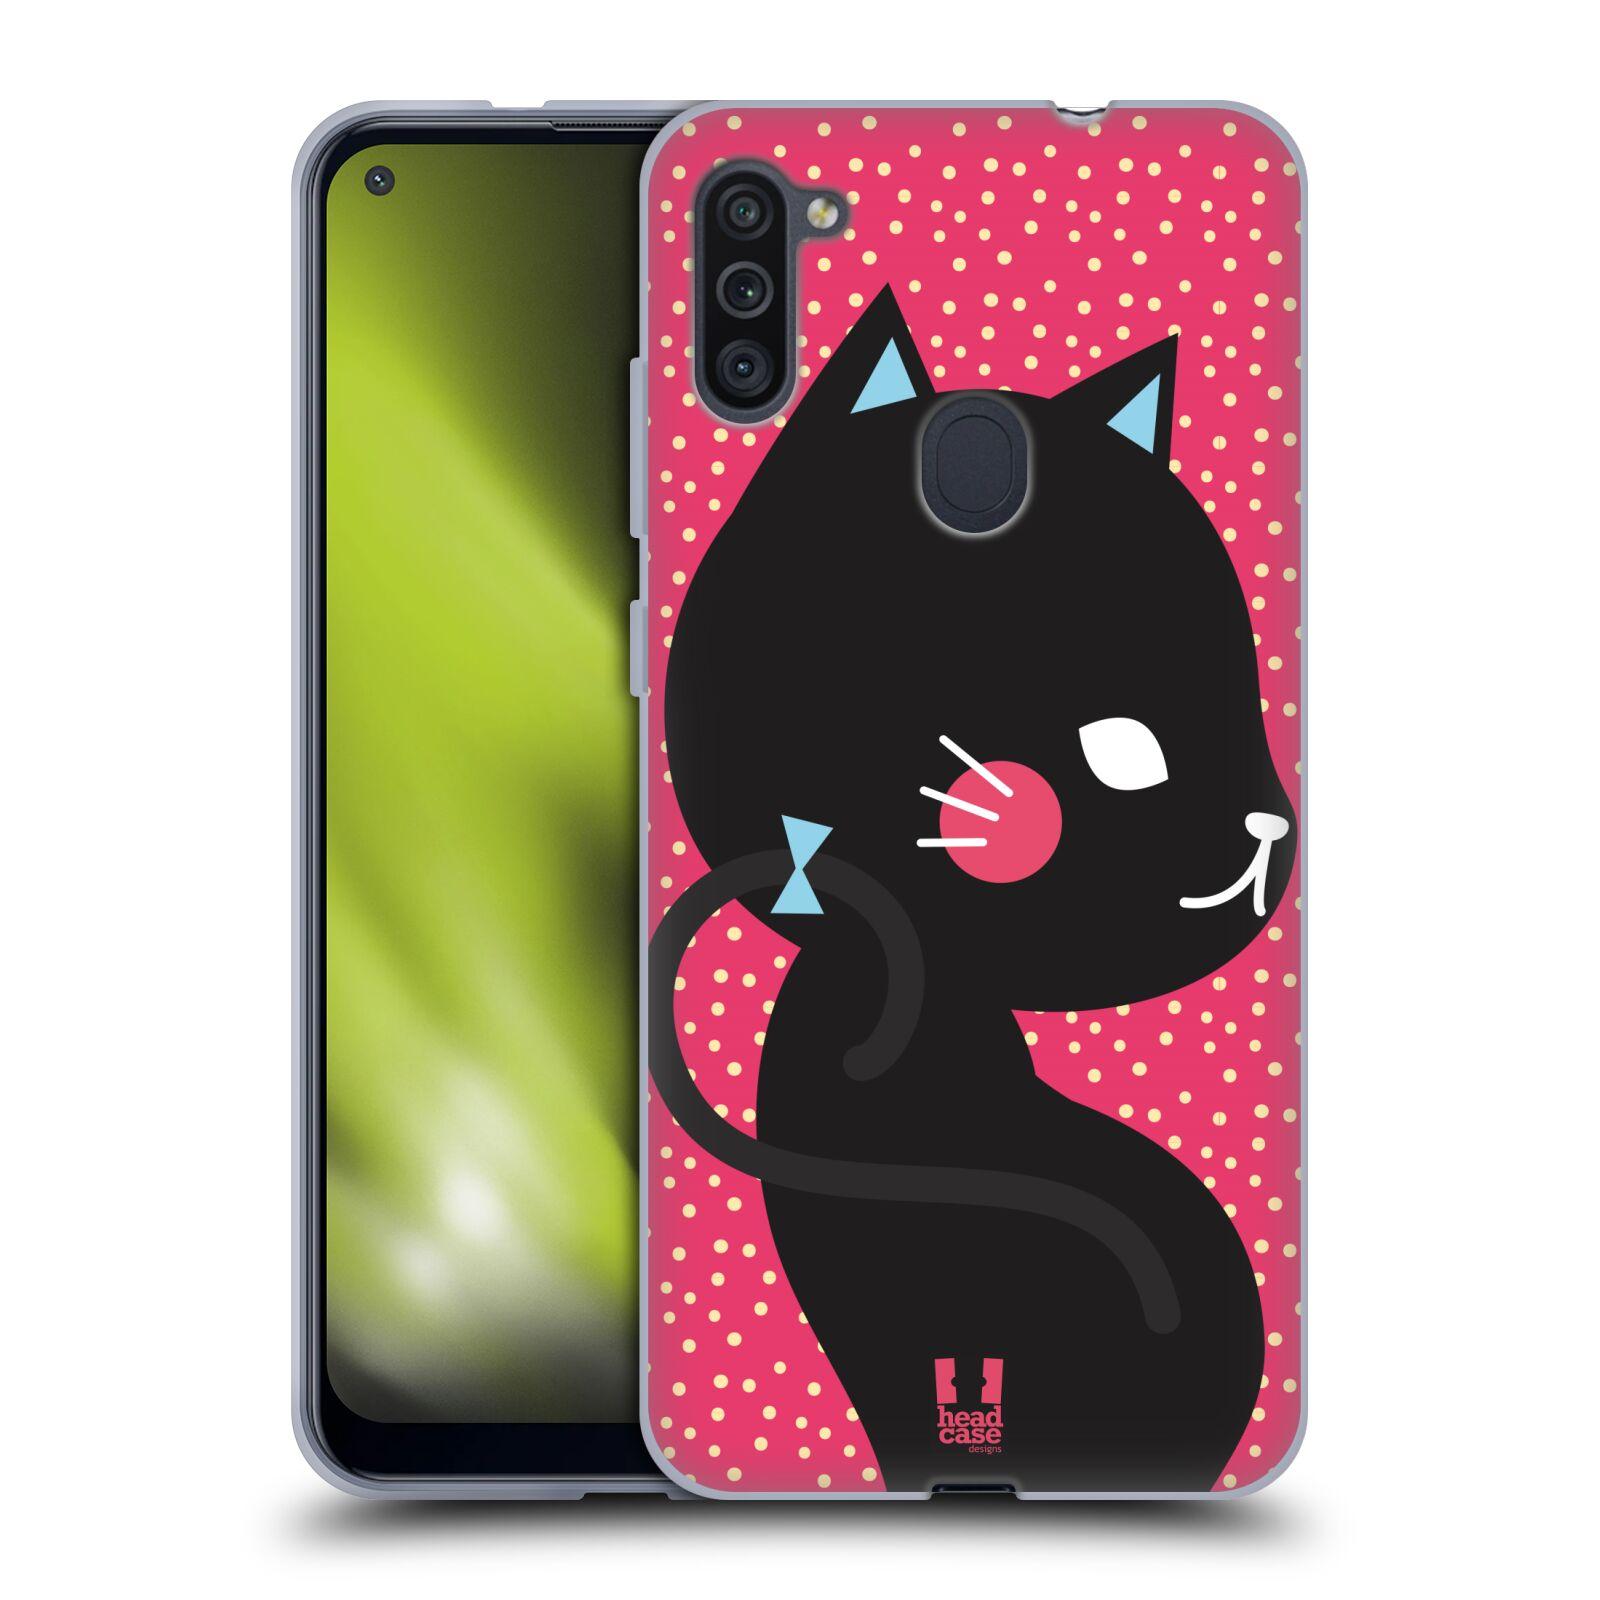 Silikonové pouzdro na mobil Samsung Galaxy M11 - Head Case - KOČIČKA Černá NA RŮŽOVÉ